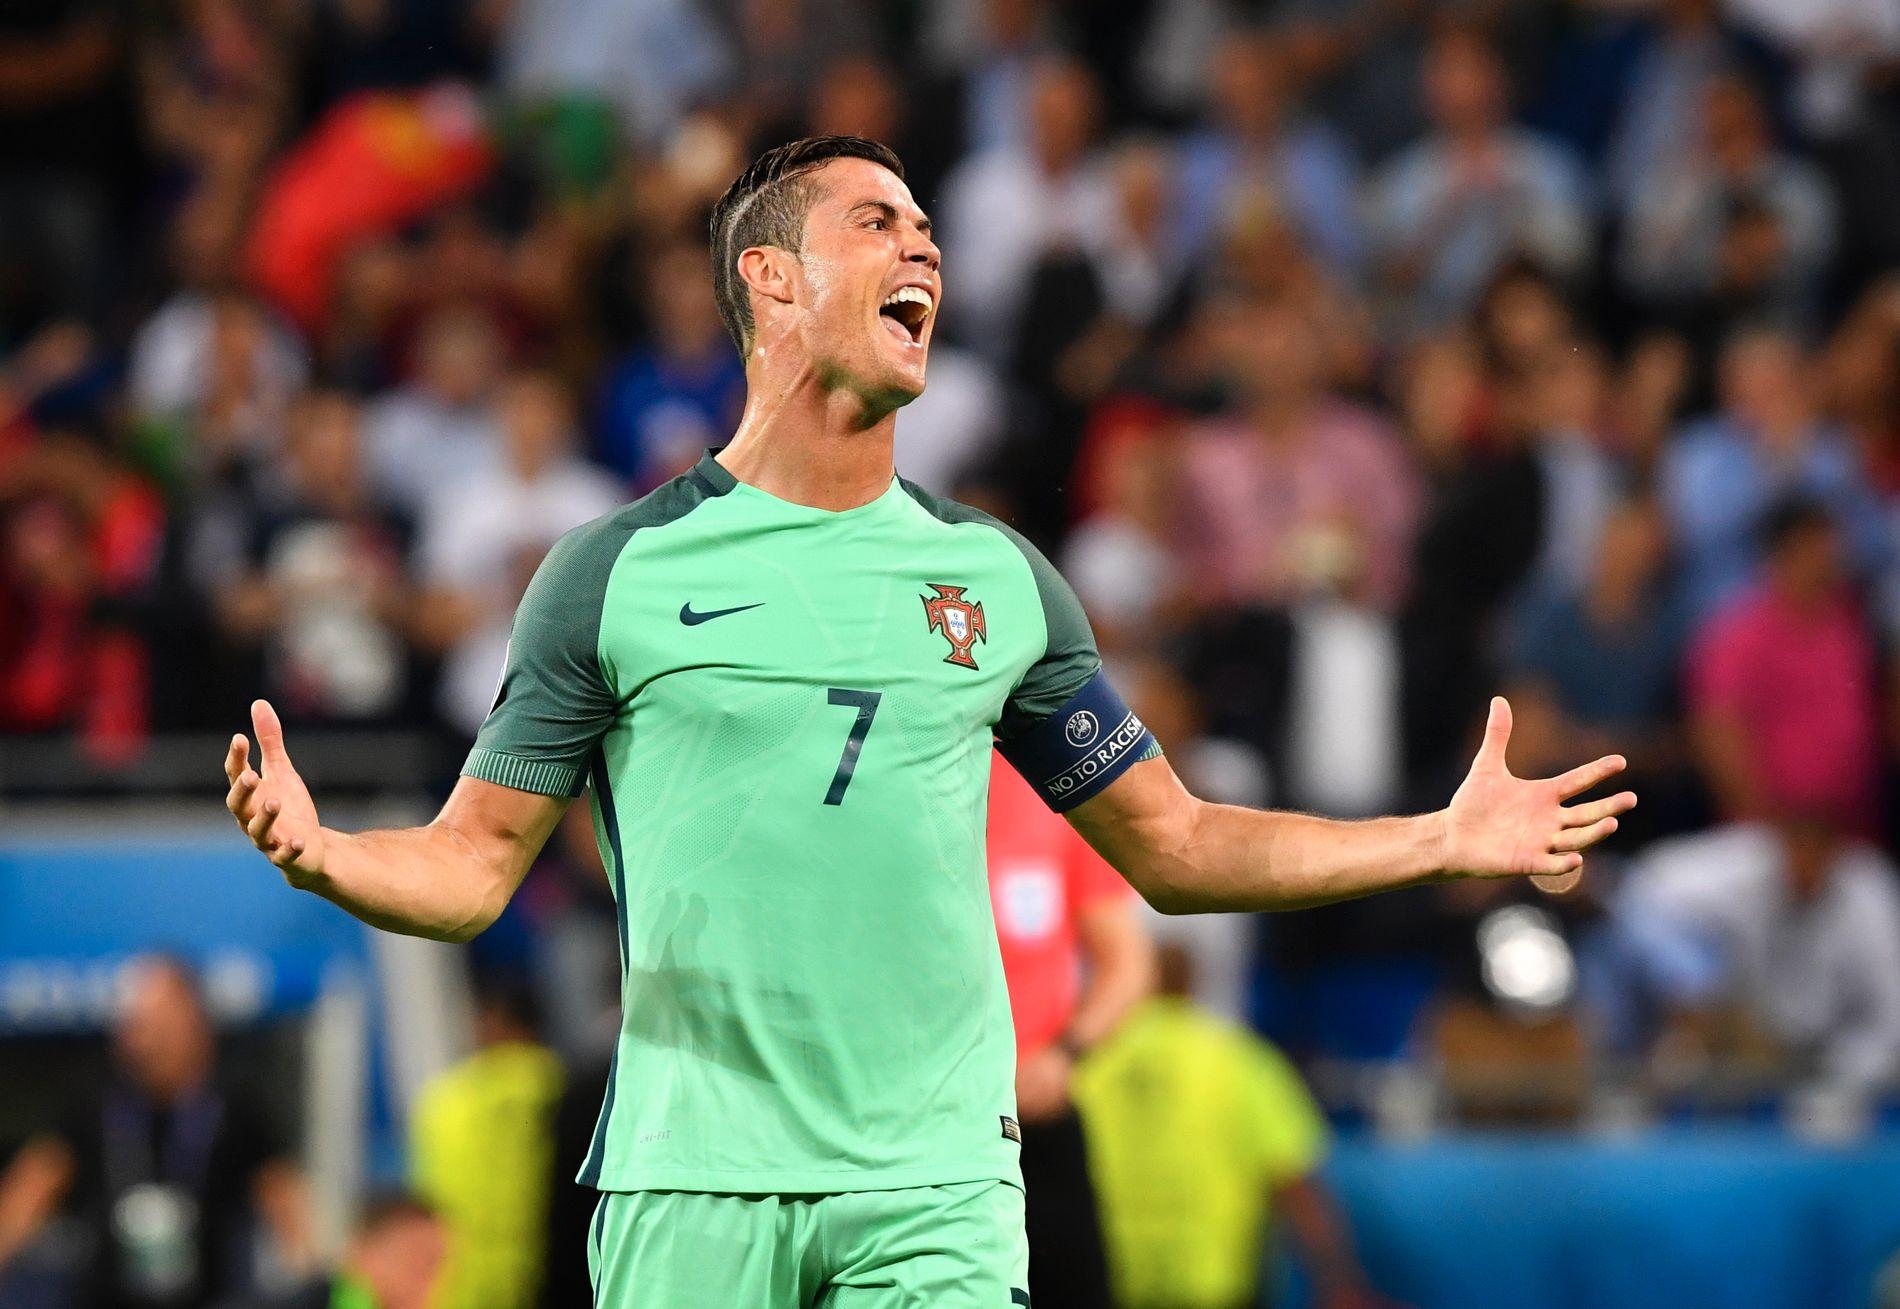 TO PÅ TRE: Det er ikke mye som tyder på at Cristiano Ronaldo tenker å ta foten av gasspedalen.